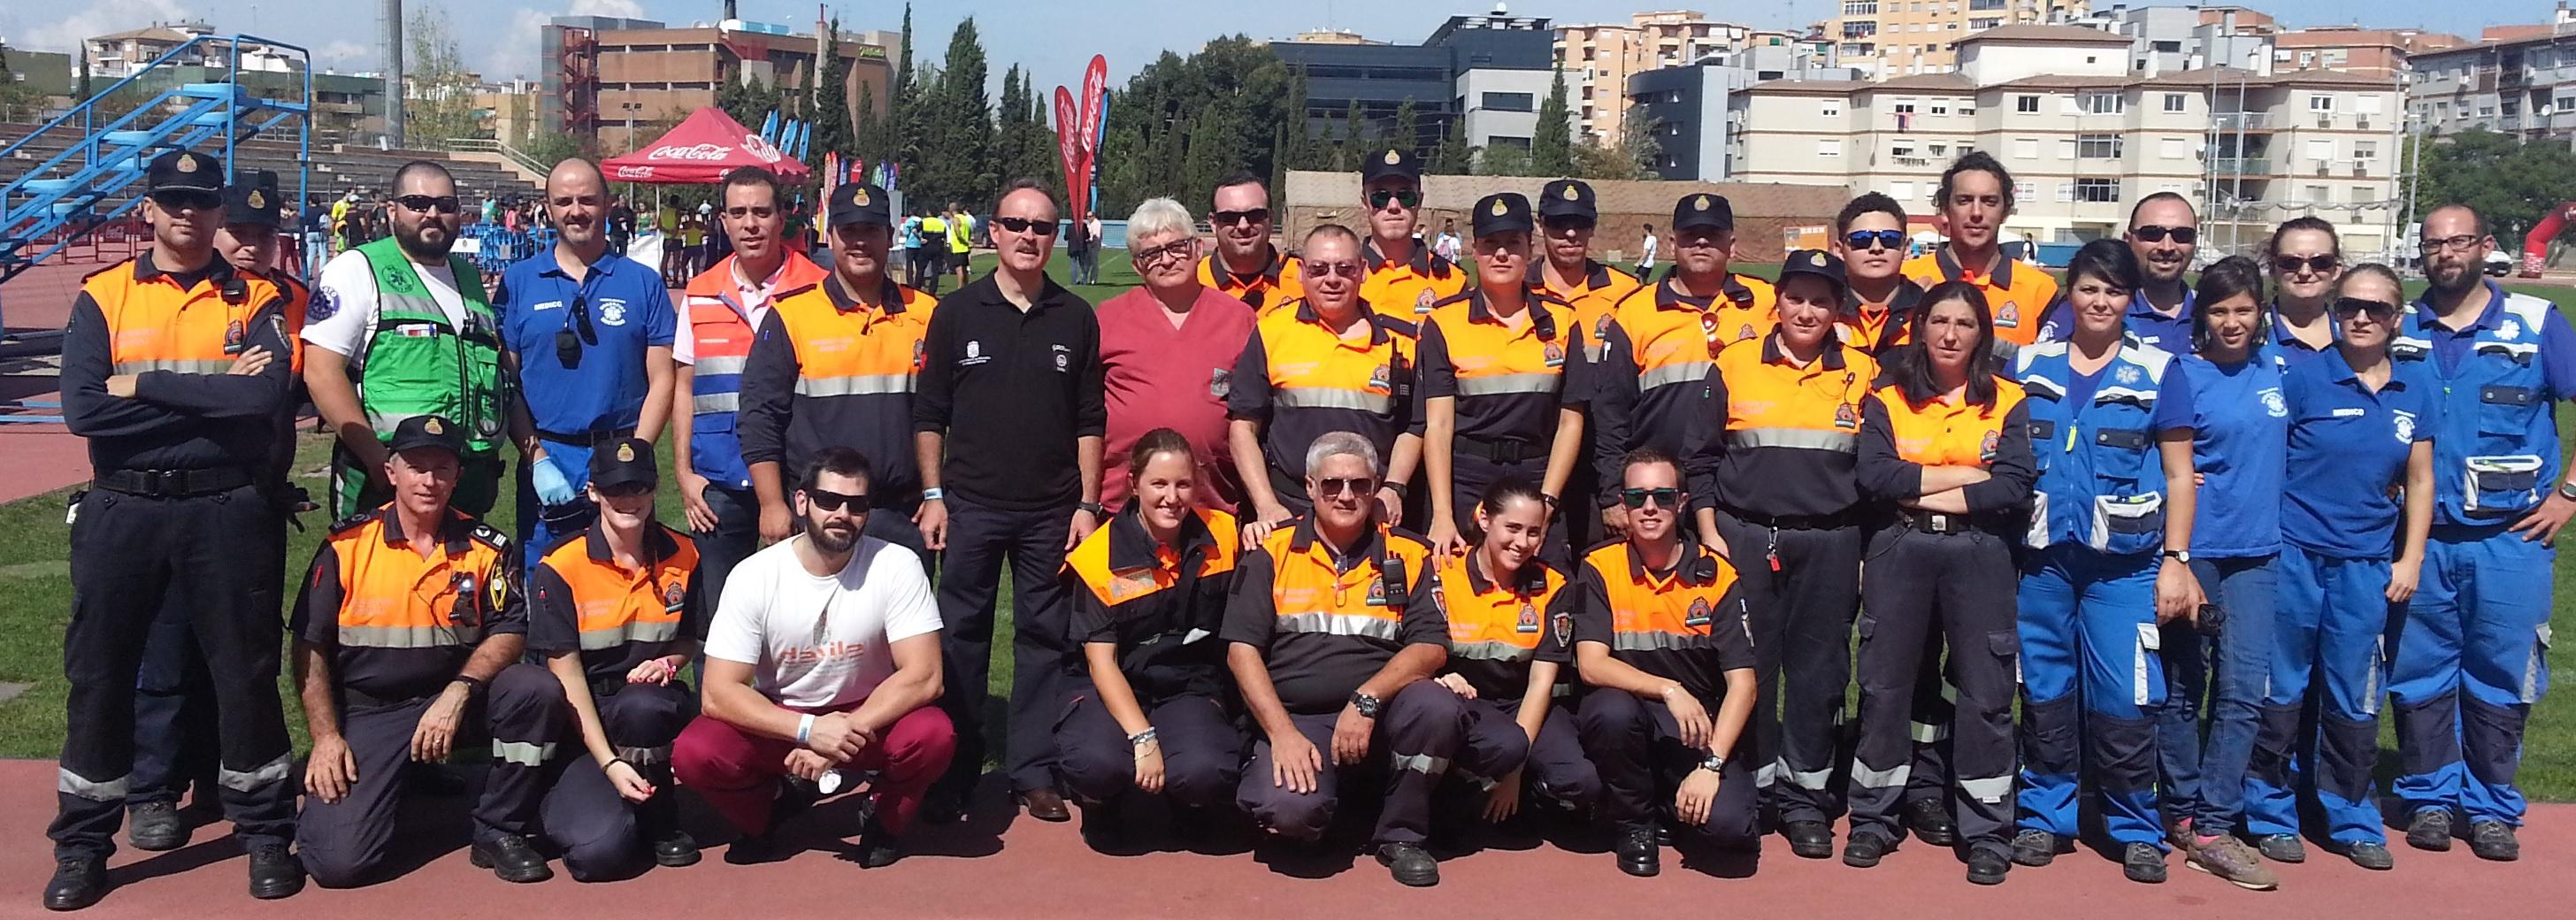 Personal asistencia médica Medio Maratón Granada 5 octubre 2014